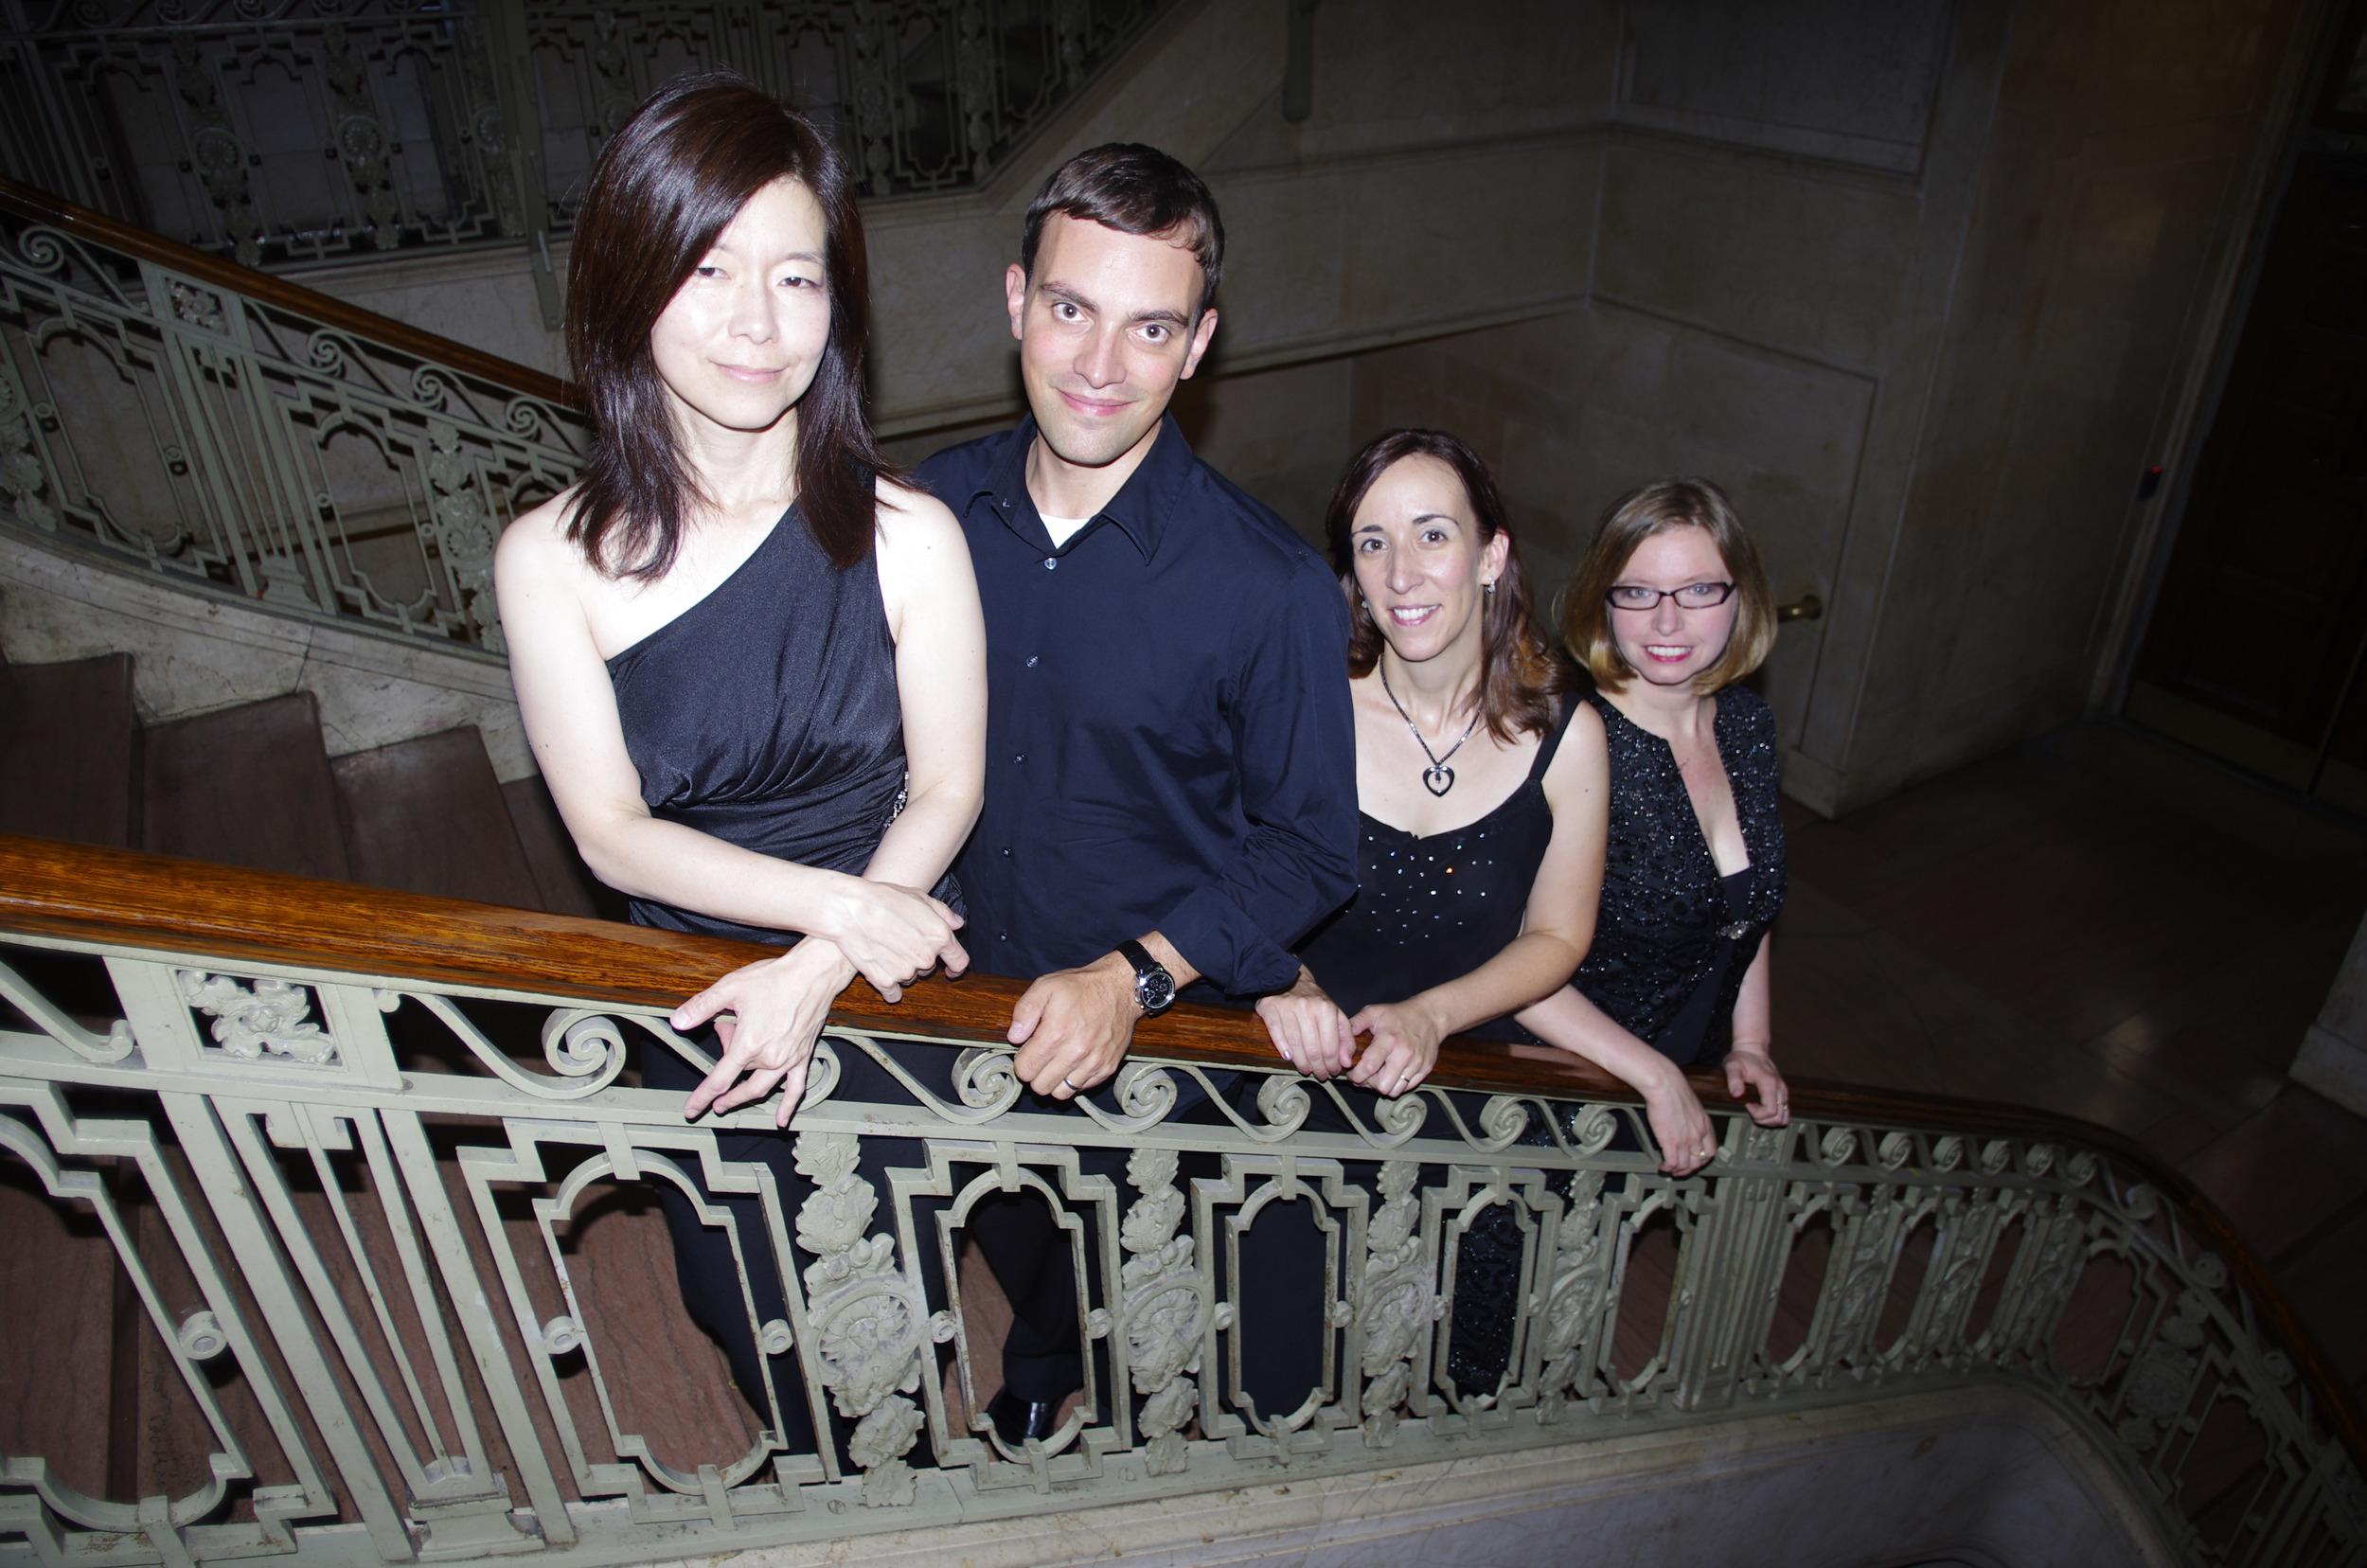 Nancy Kito (harpsichord), David Himmelheber (cello), Susan Graham (flute), Marika Holmqvist (violin)